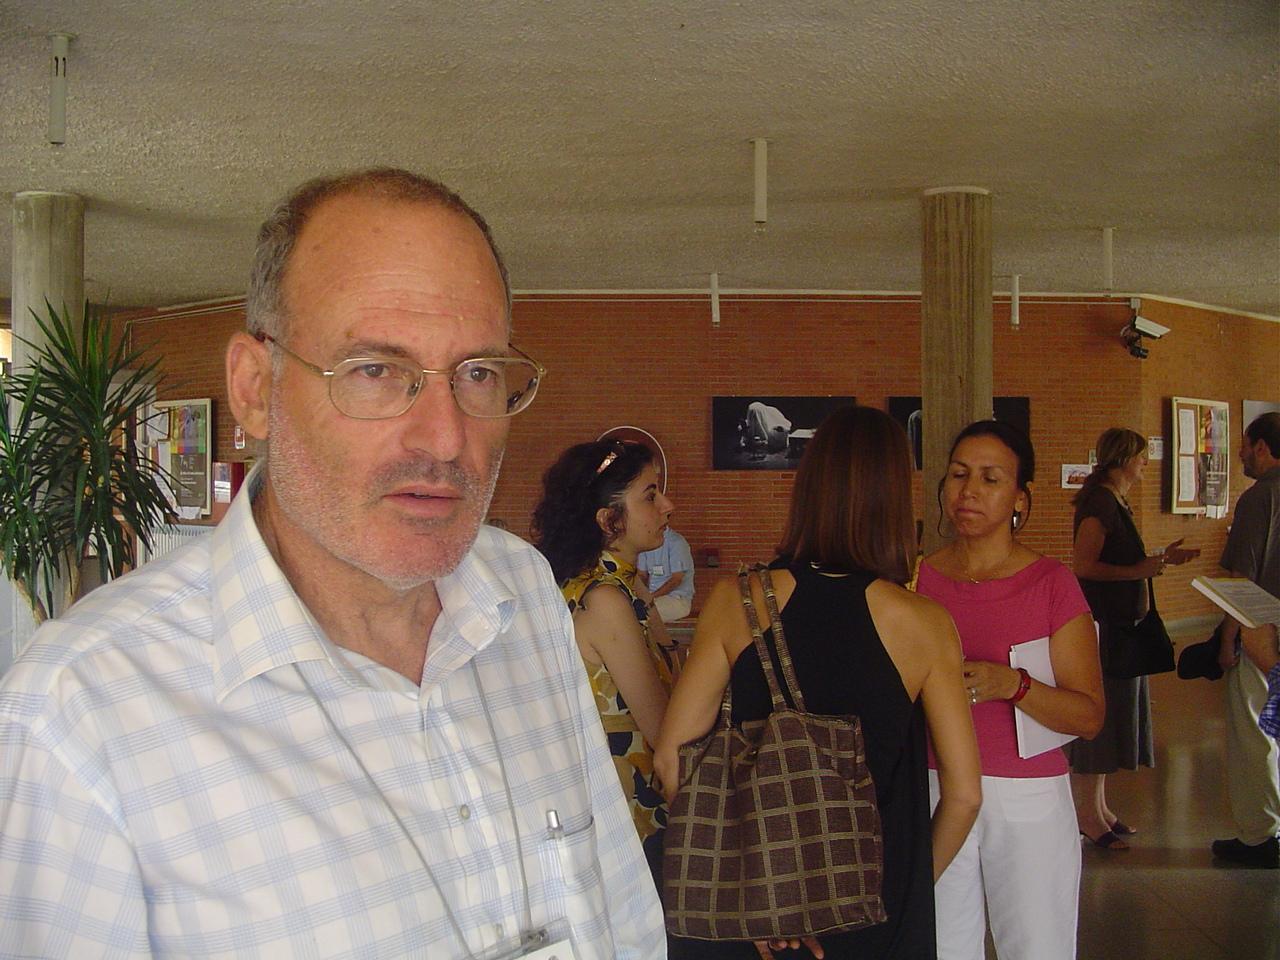 39. 24 luglio 2006 015 Ouriel Zohar